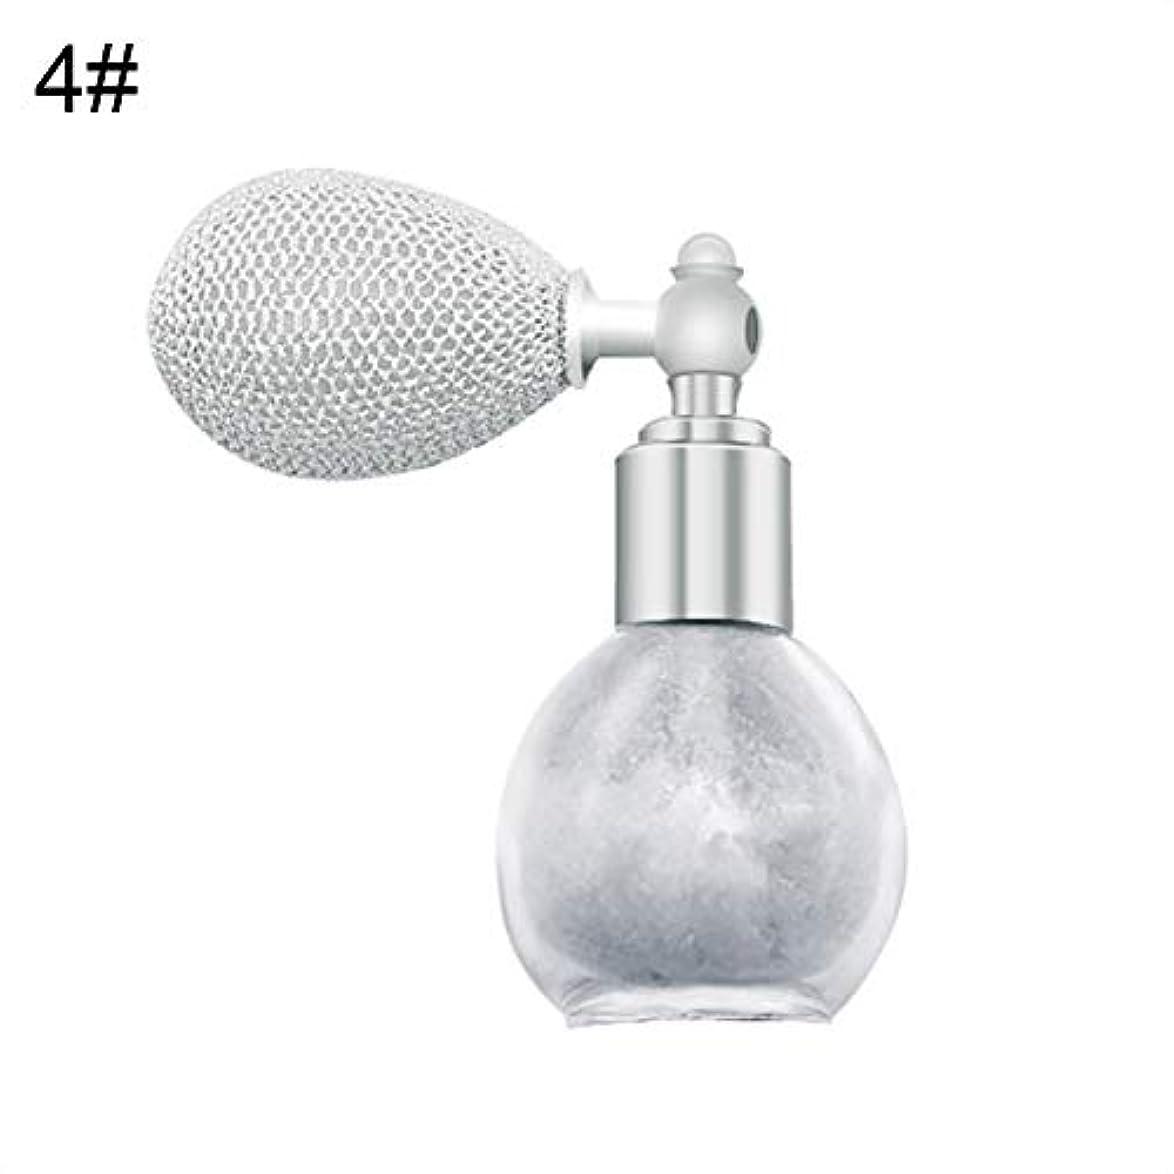 誰がテクニカル挑むFANA女性美容エアバッグスプレーフレグランスグリッターハイライトパウダー化粧品 - 4#